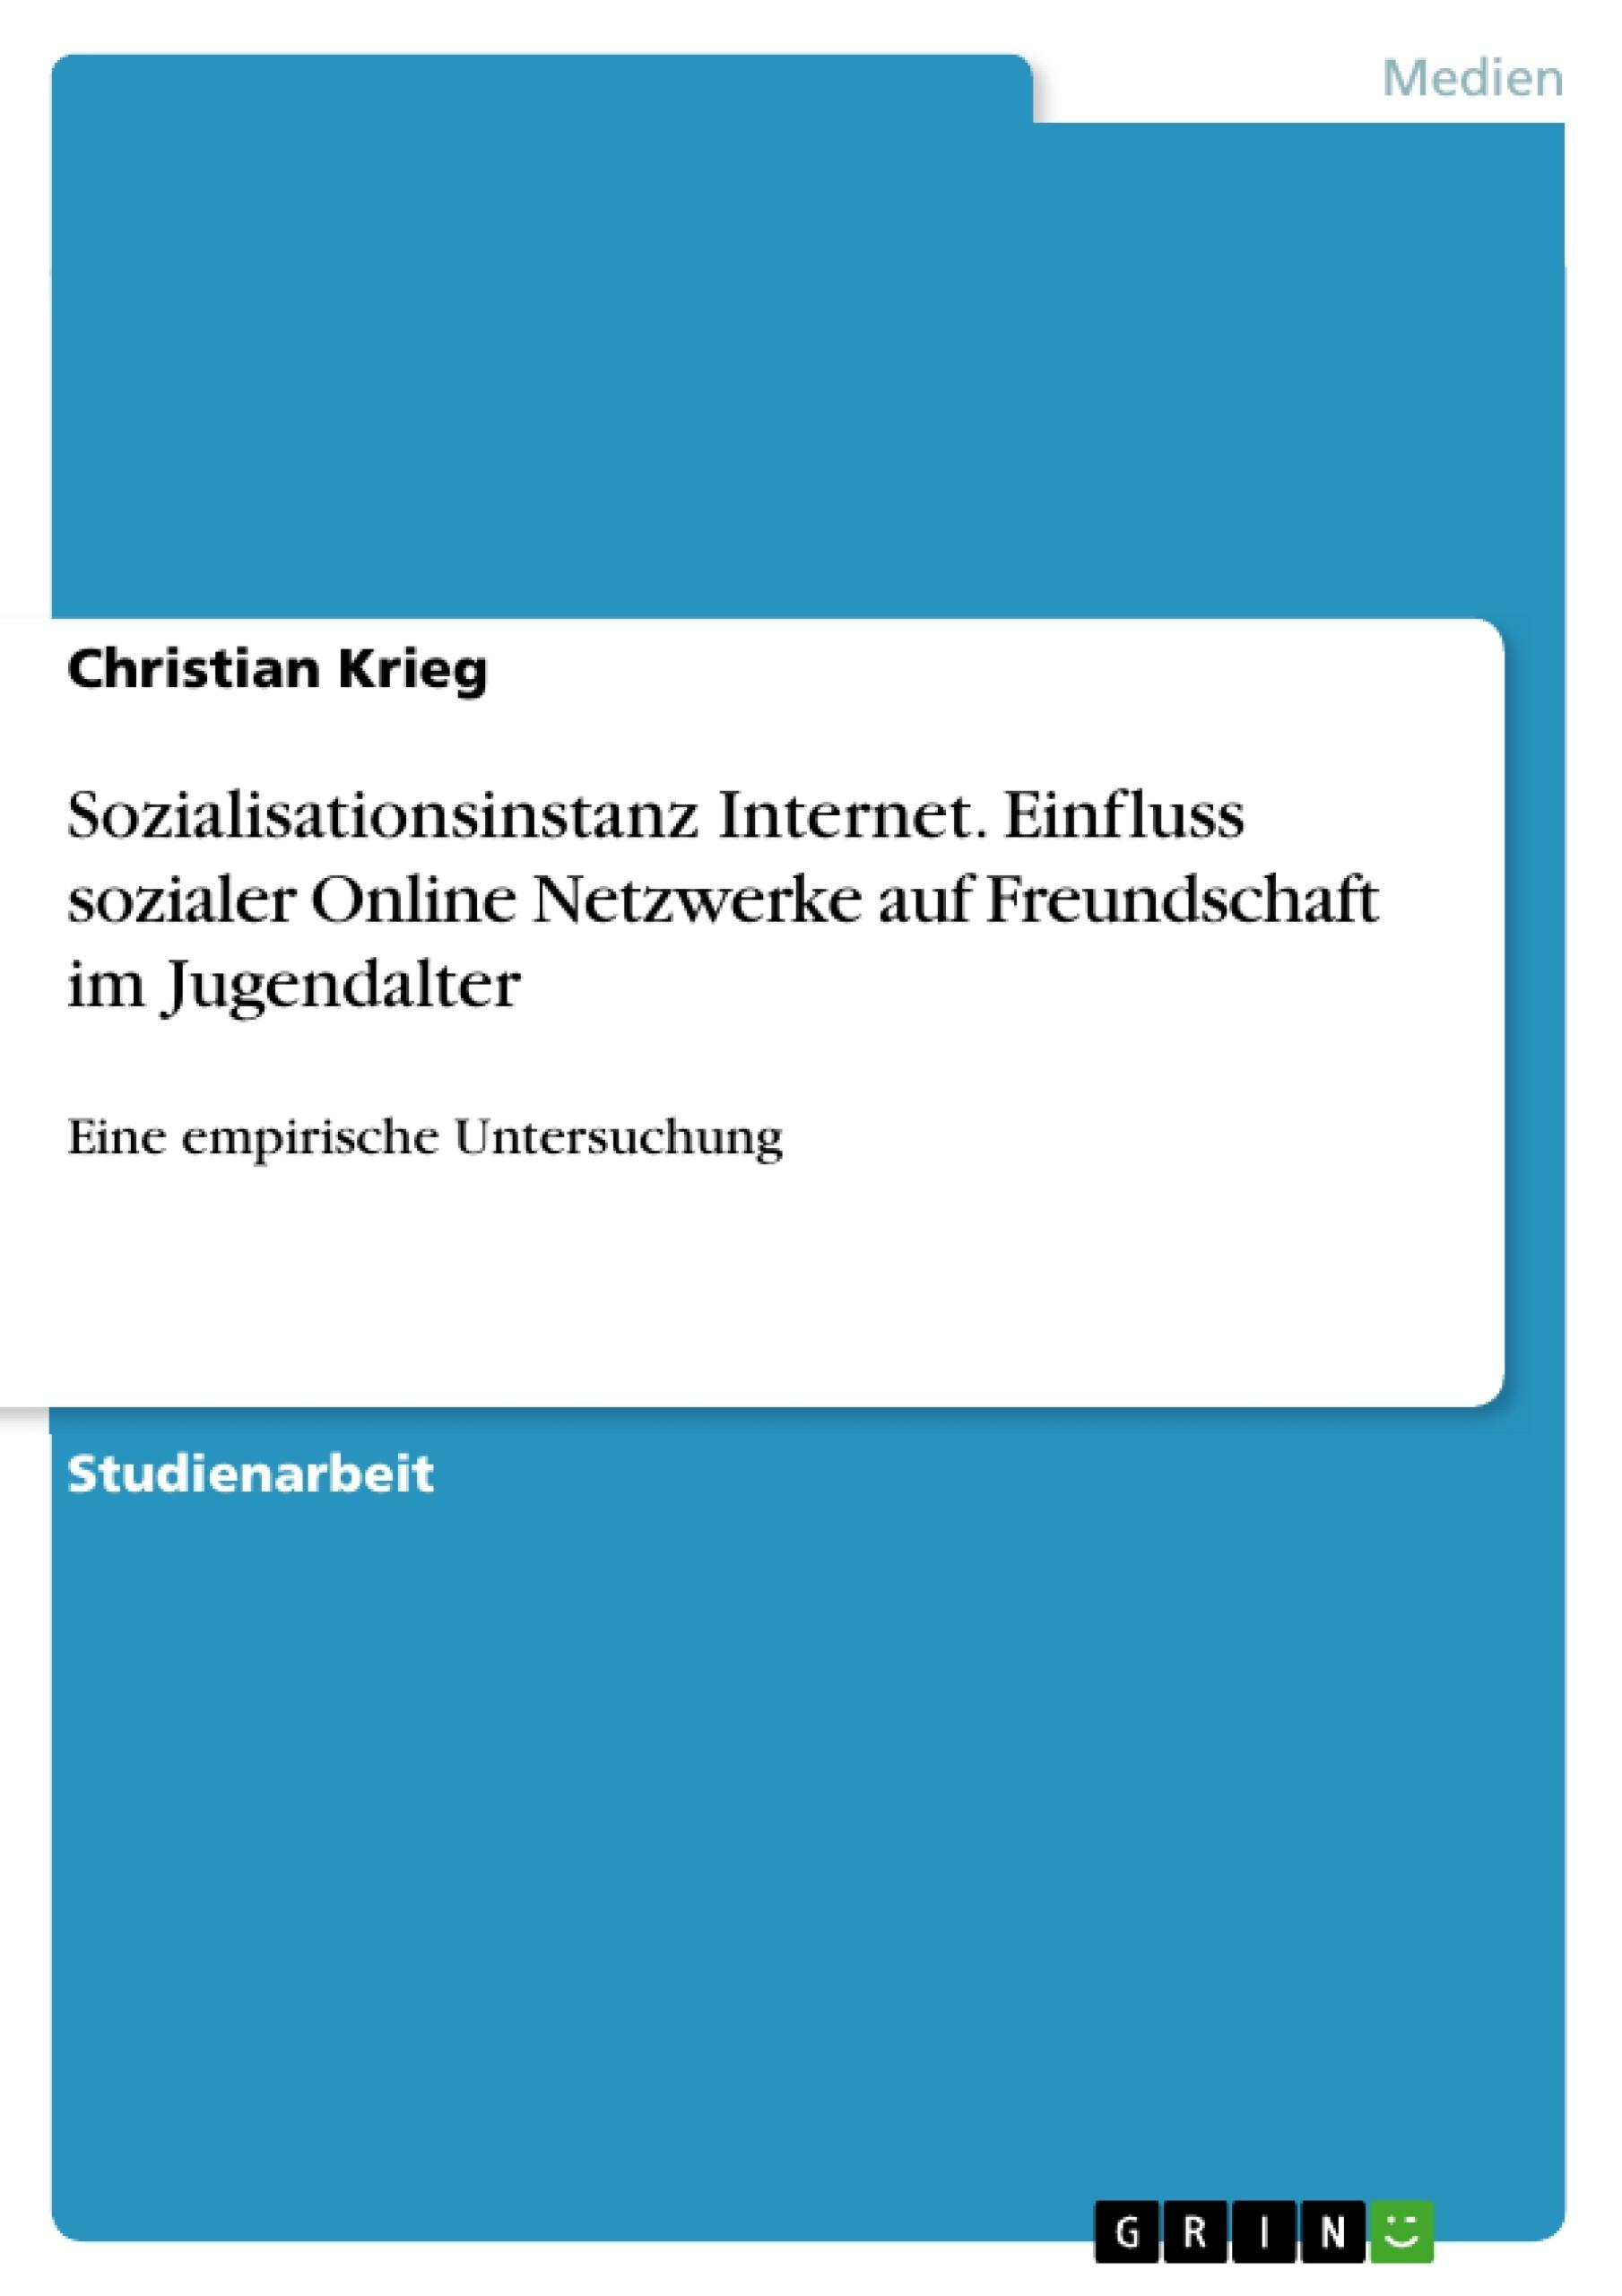 Titel: Sozialisationsinstanz Internet. Einfluss sozialer Online Netzwerke auf Freundschaft im Jugendalter